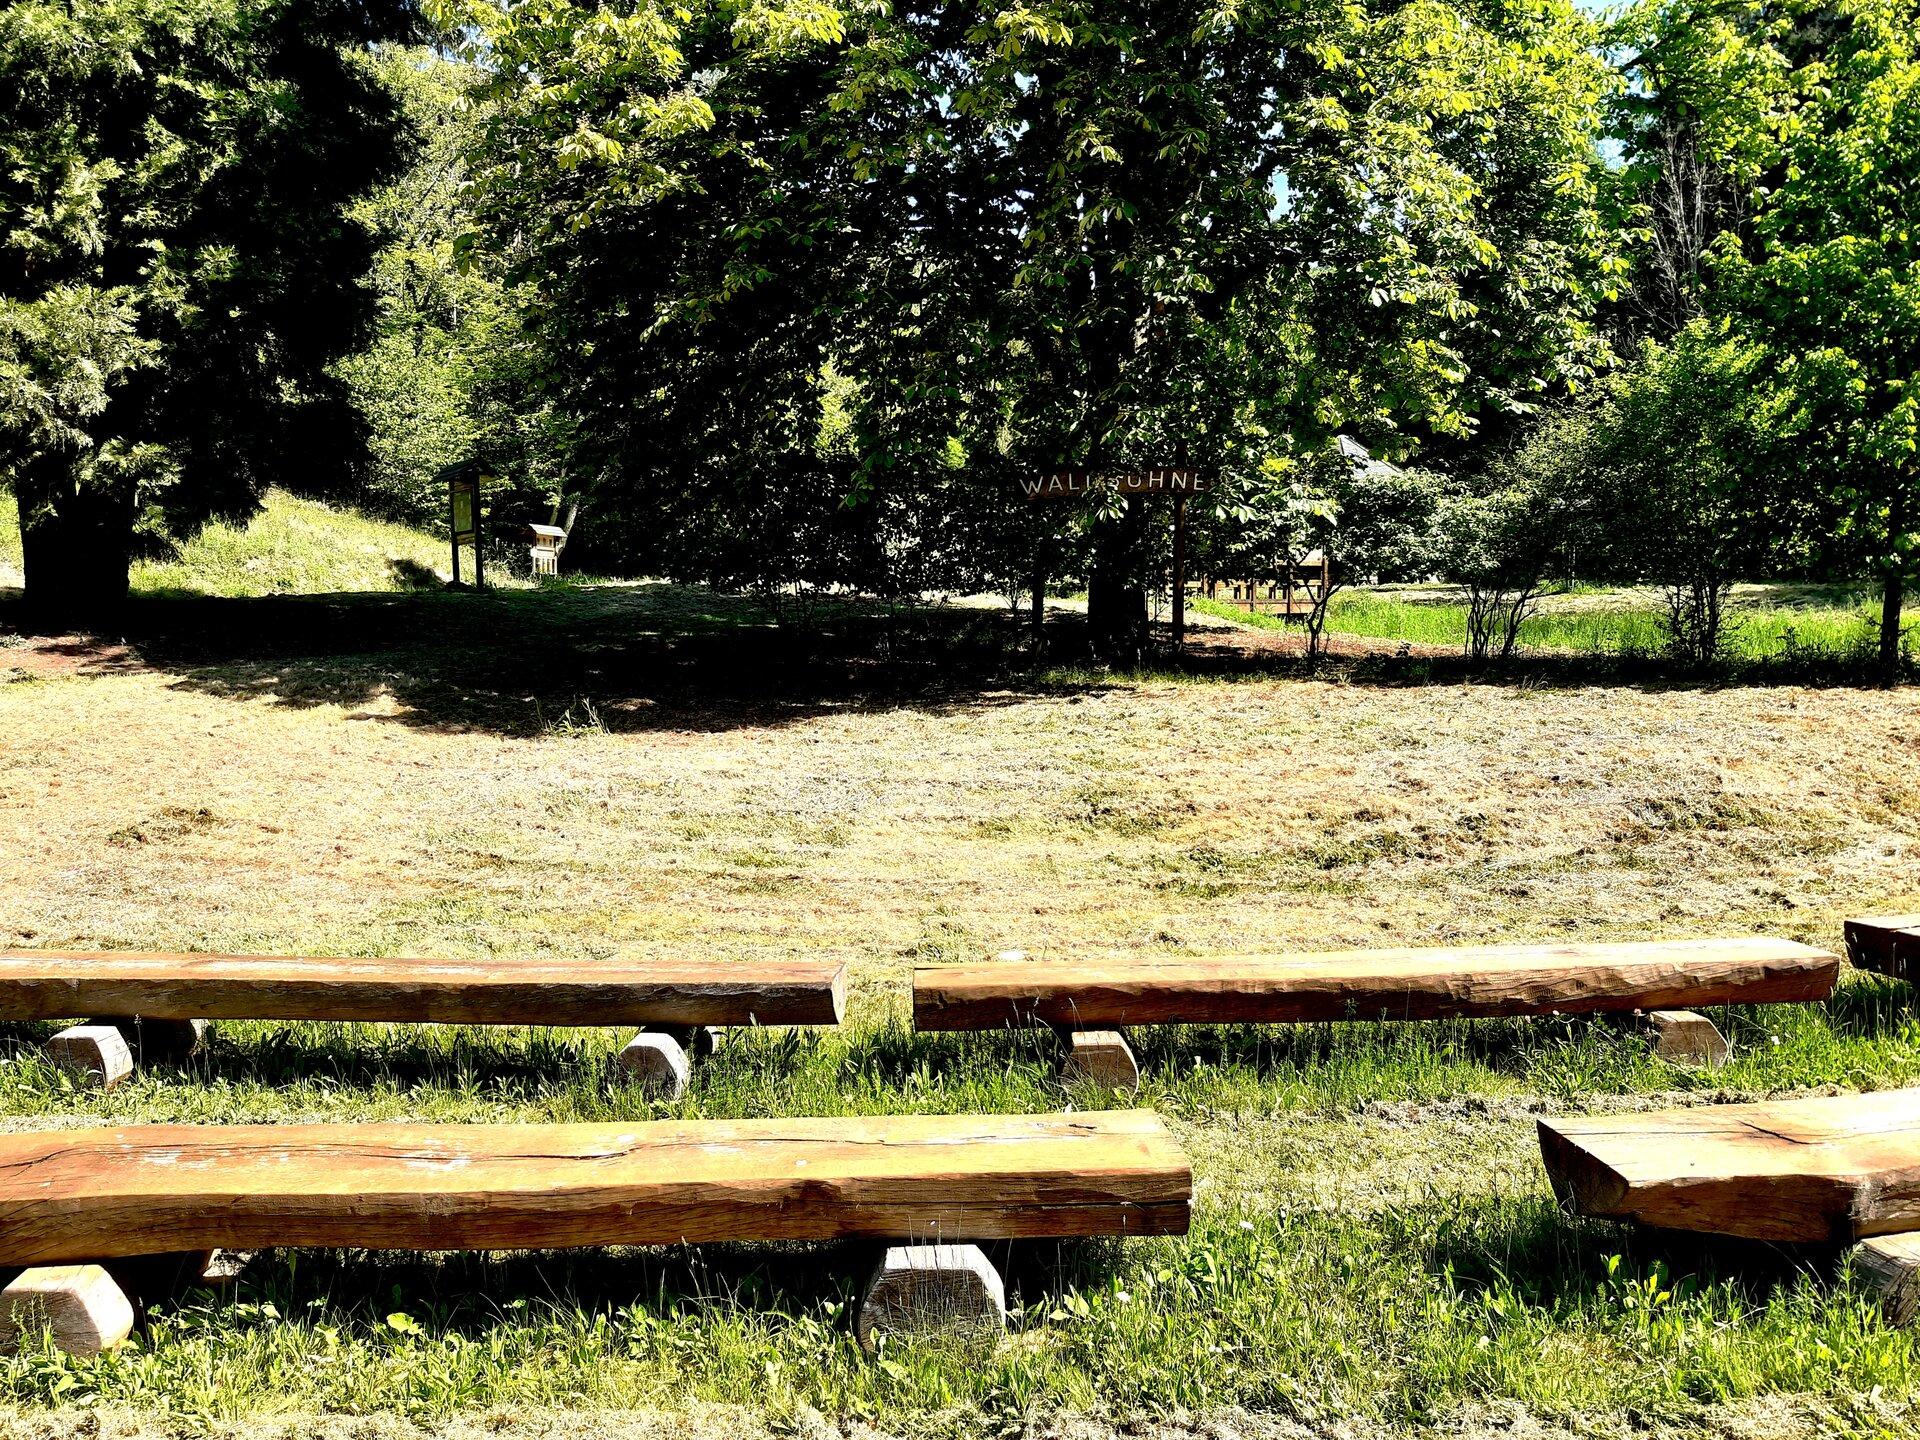 Waldbühne Waldforum Roskerbach